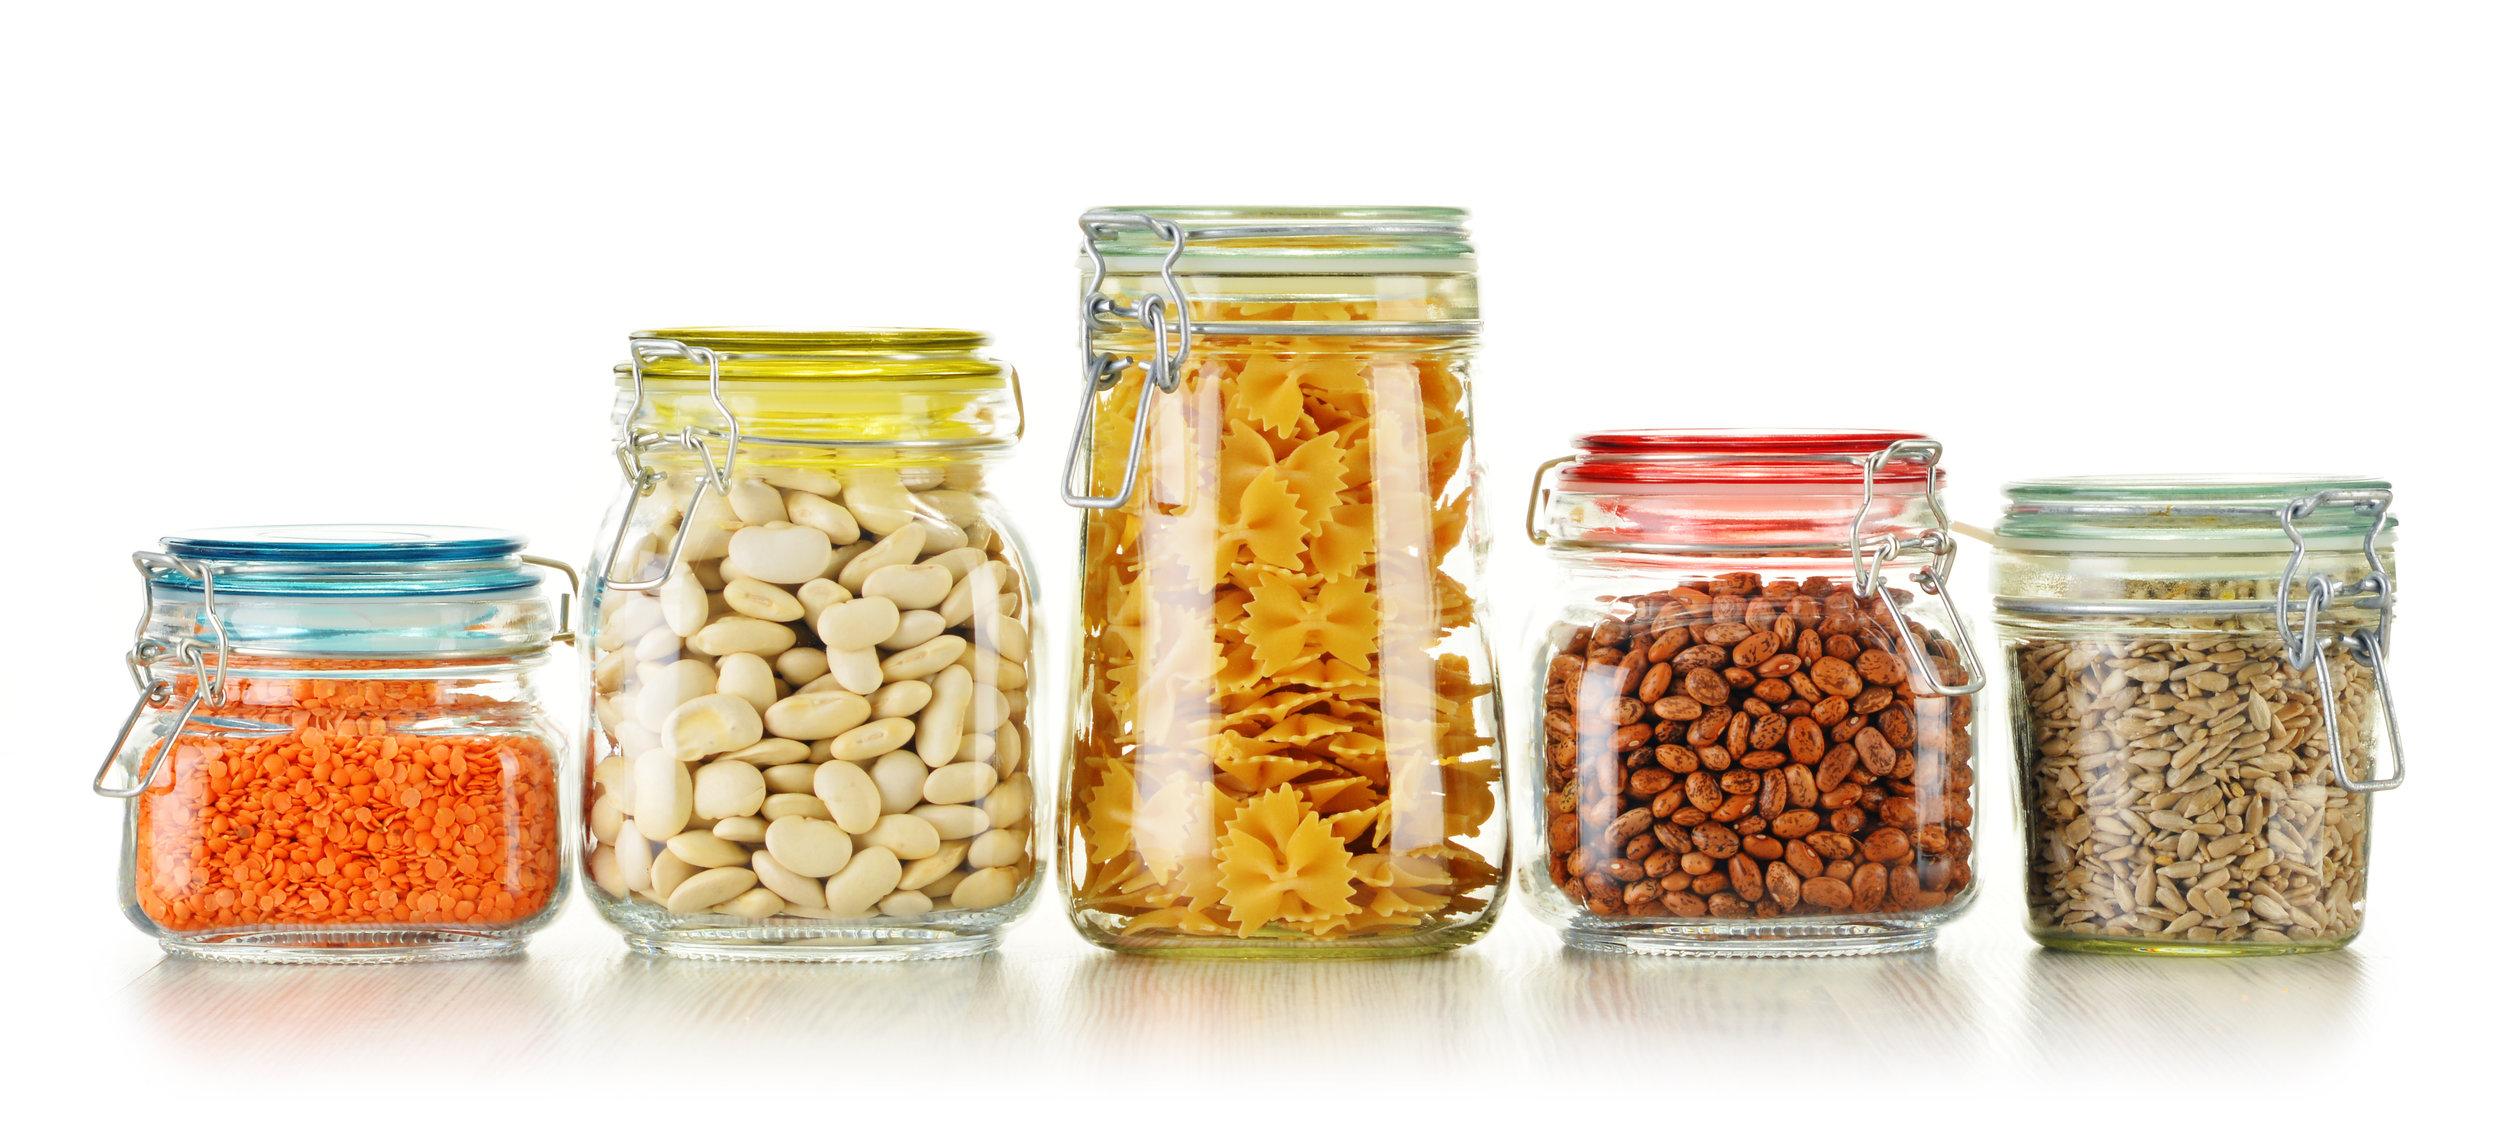 AdobeStock_jars with pantry foods.jpeg